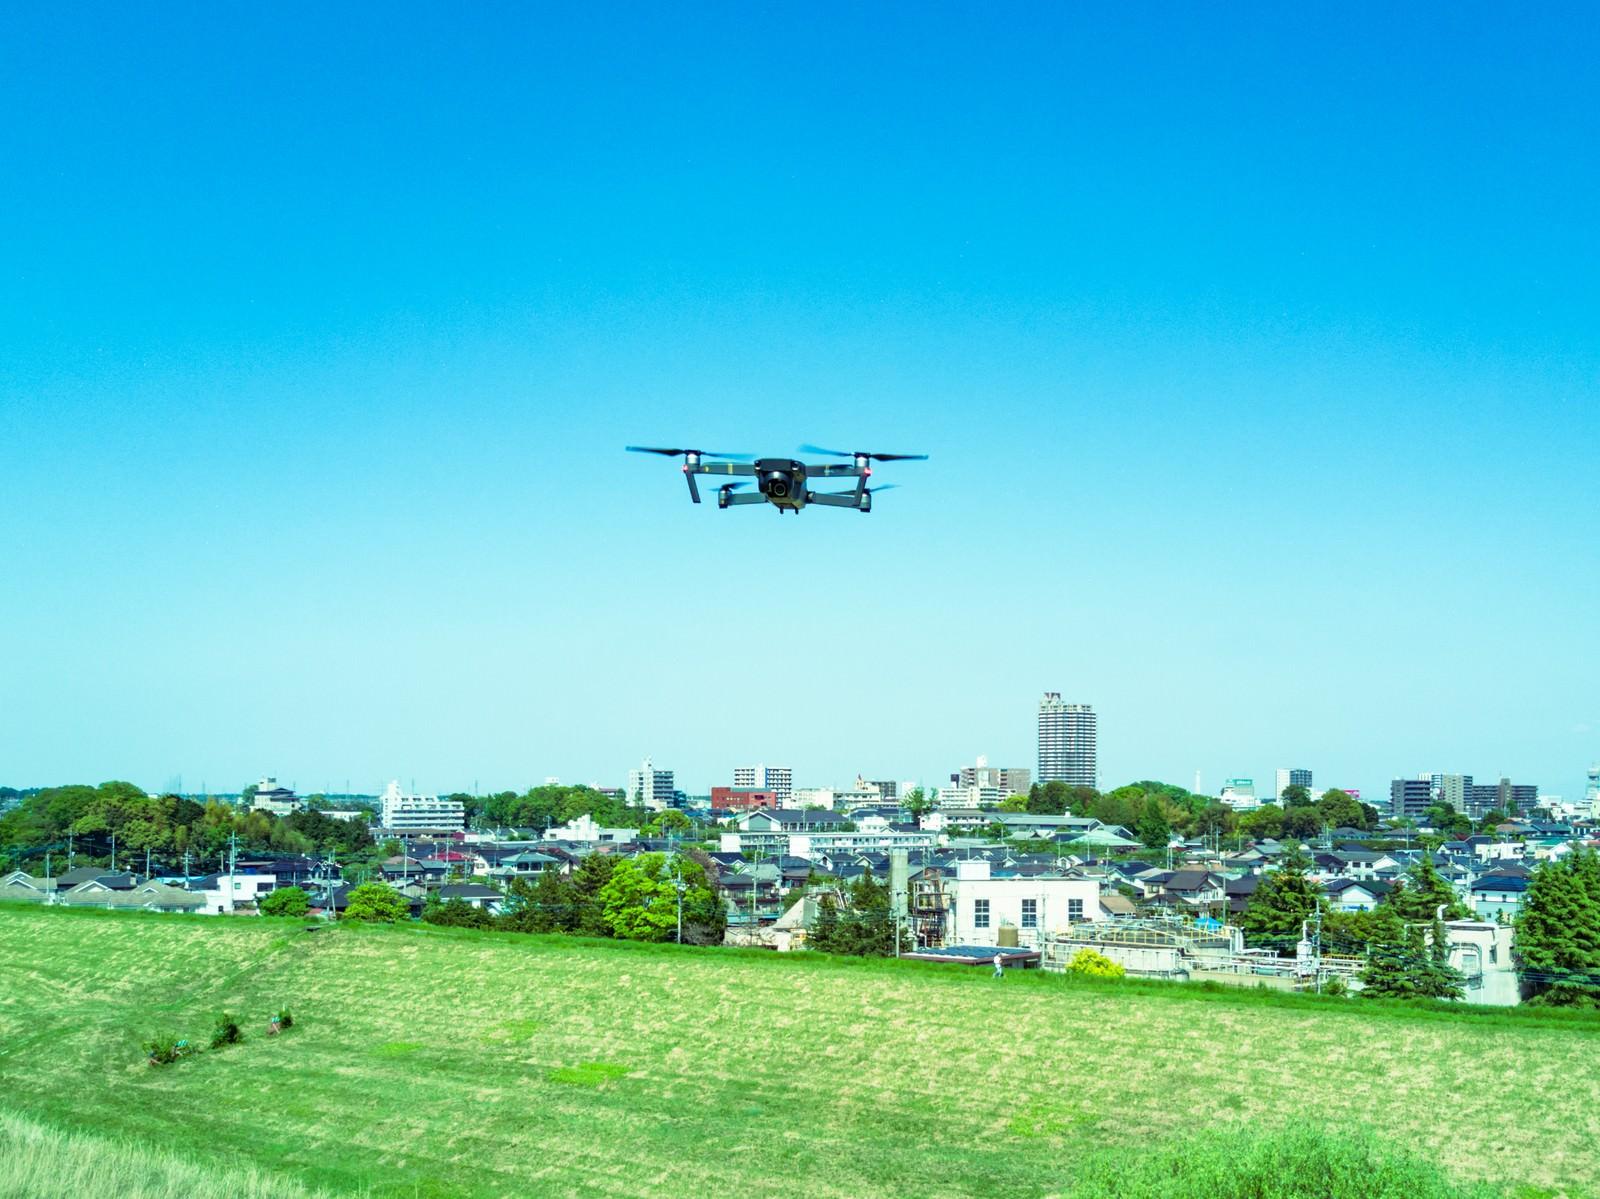 「近くにドローンが飛んできた(ニアミス)」の写真